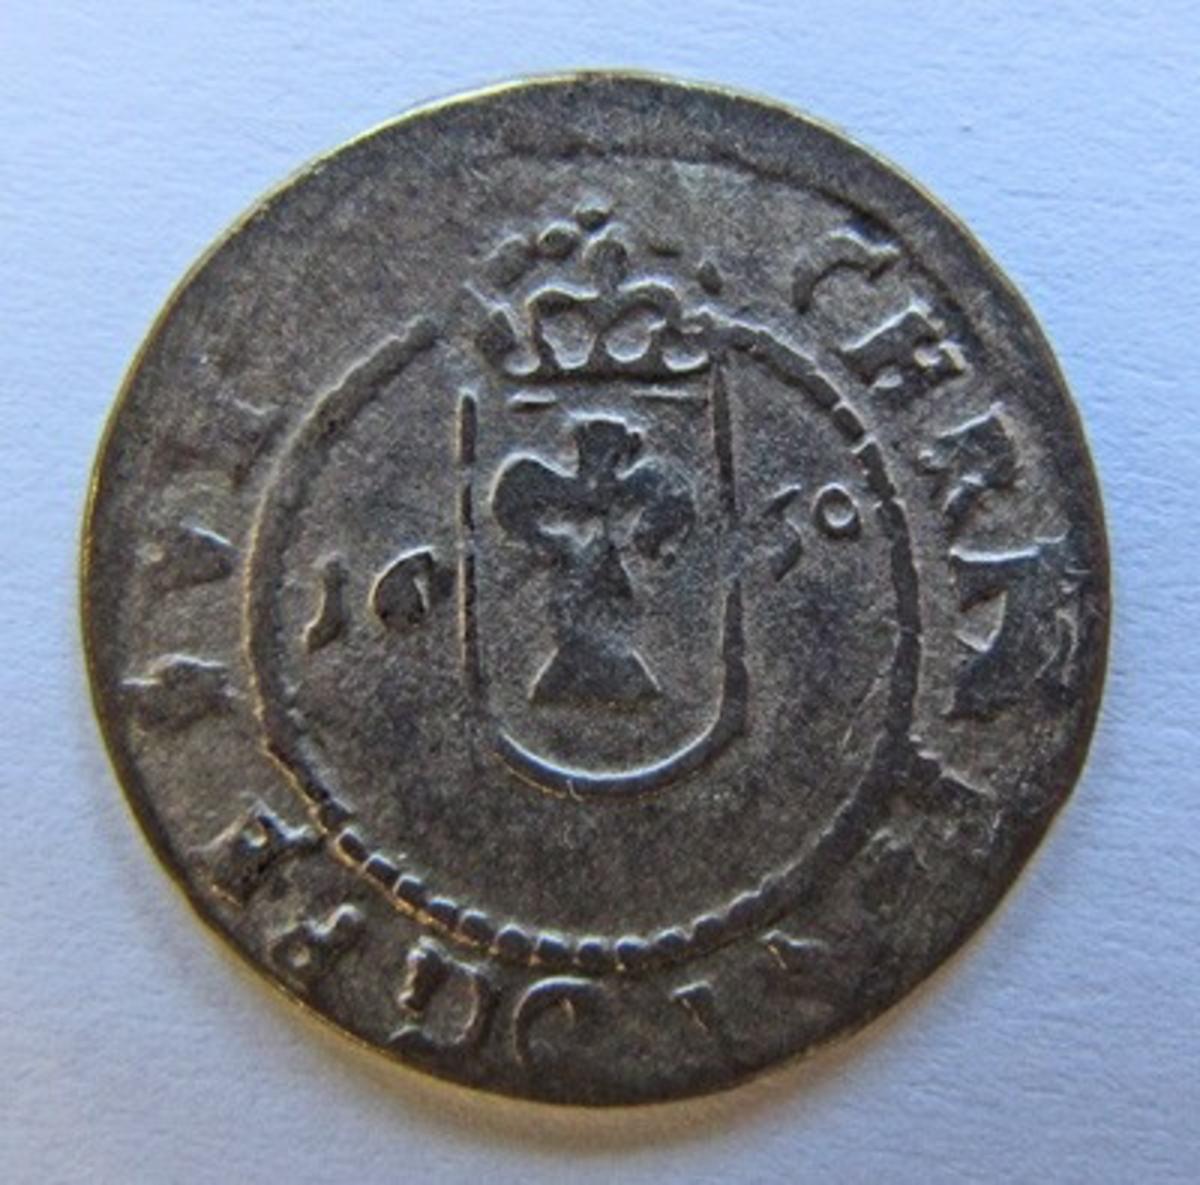 Besittningsmynt,  Kristina, 1 öre silvermynt. Präglat 1650 i Reval (Tallin) som var svensk mellan åren 1561-1710.